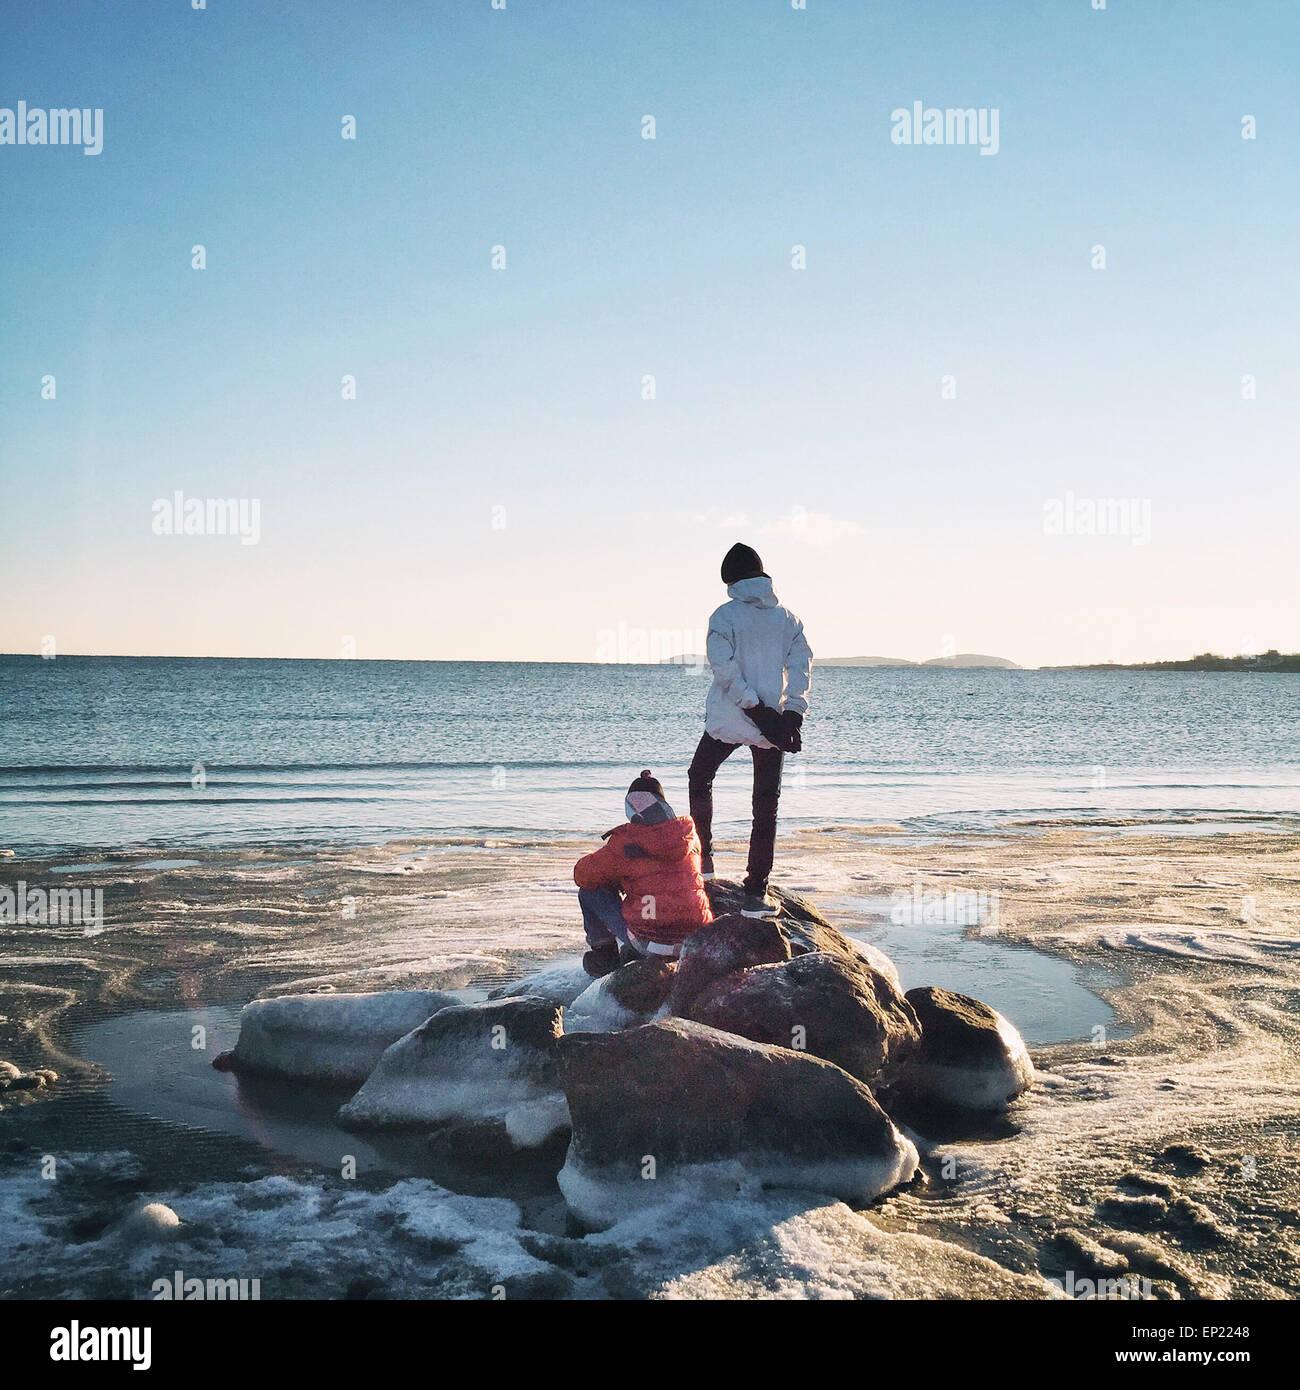 Vista posteriore di due ragazzi sulle rocce in riva al mare Immagini Stock